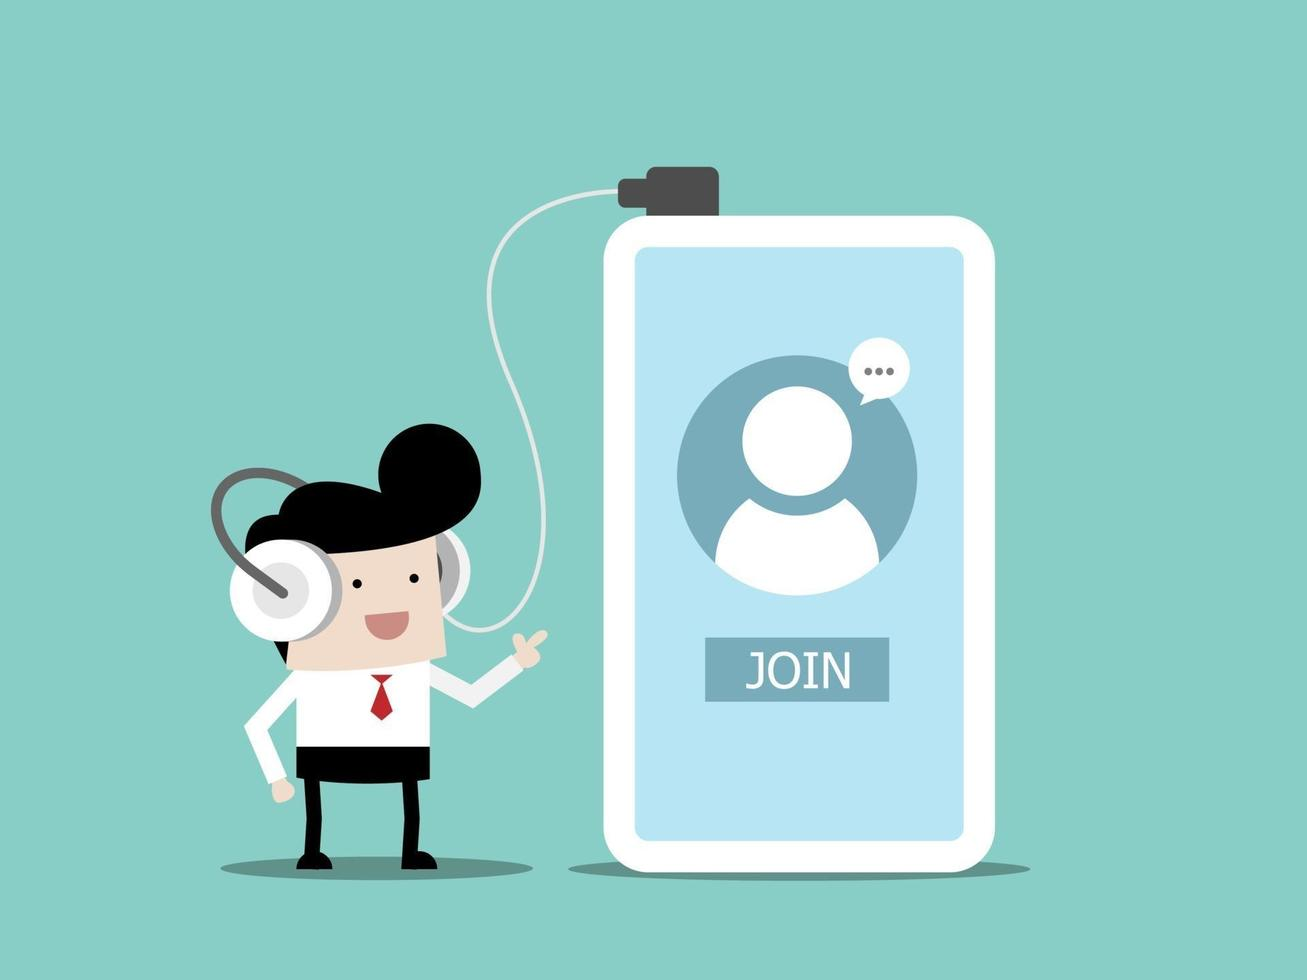 empresário usando fones de ouvido entra na sala de bate-papo para ouvir ou reunião on-line vetor